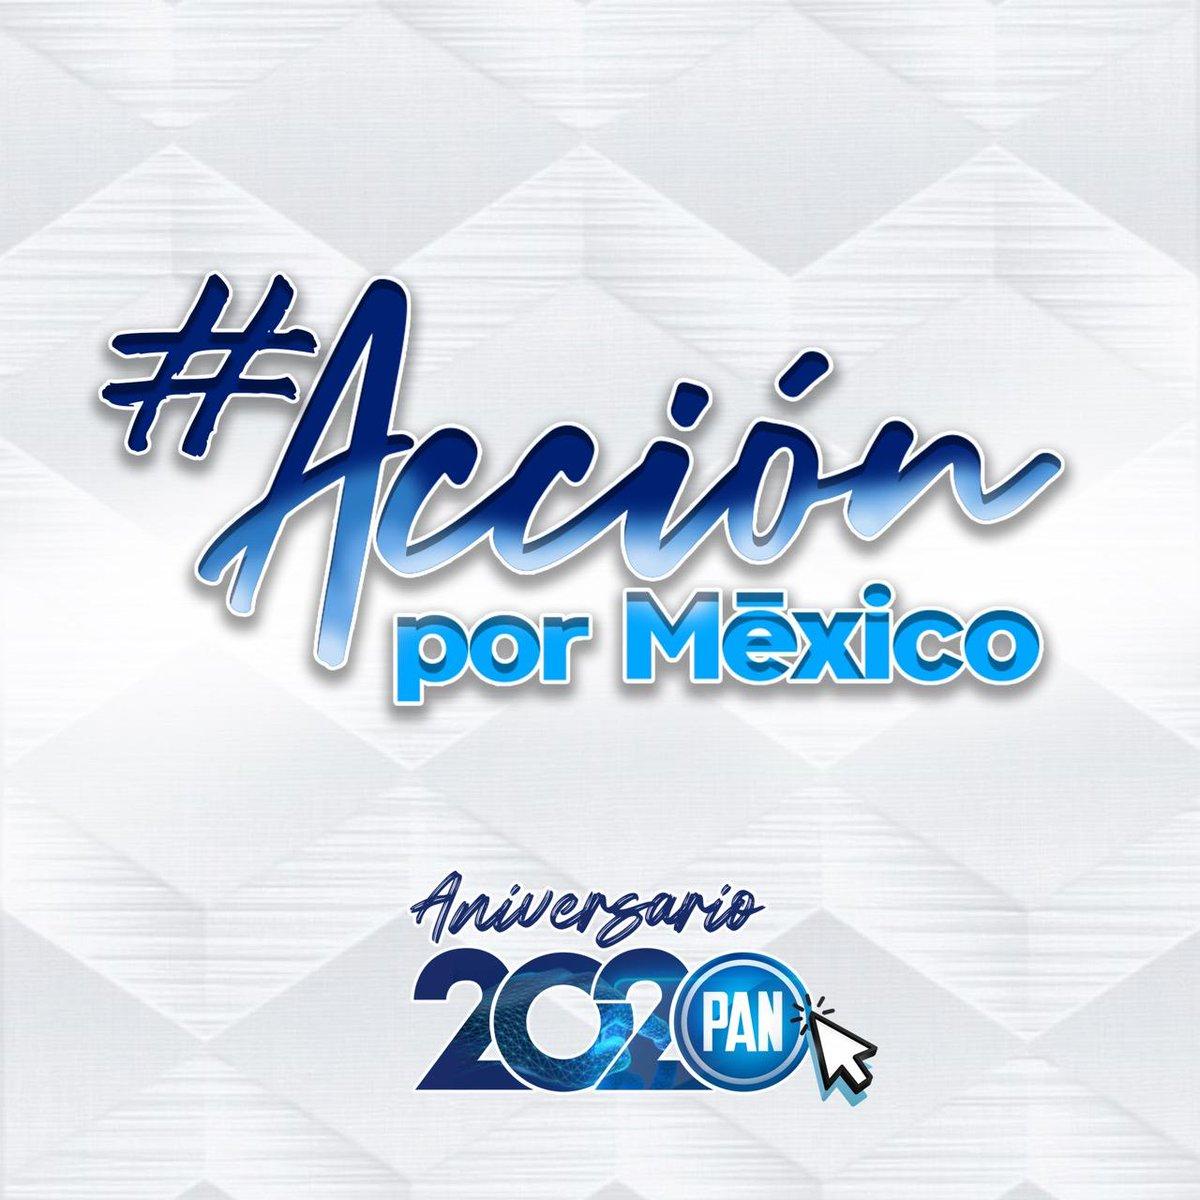 En @AccionNacional celebramos 81 años de luchar por la democracia, por la libertad y por el bien común. Únete a esta celebración en unos minutos, a partir de las 7:00 pm a través de #faceboklive por https://t.co/w7qx4J95m9 ¡En #AccionPorMéxico #UnidosYFuertes! https://t.co/PDgxTKEUis